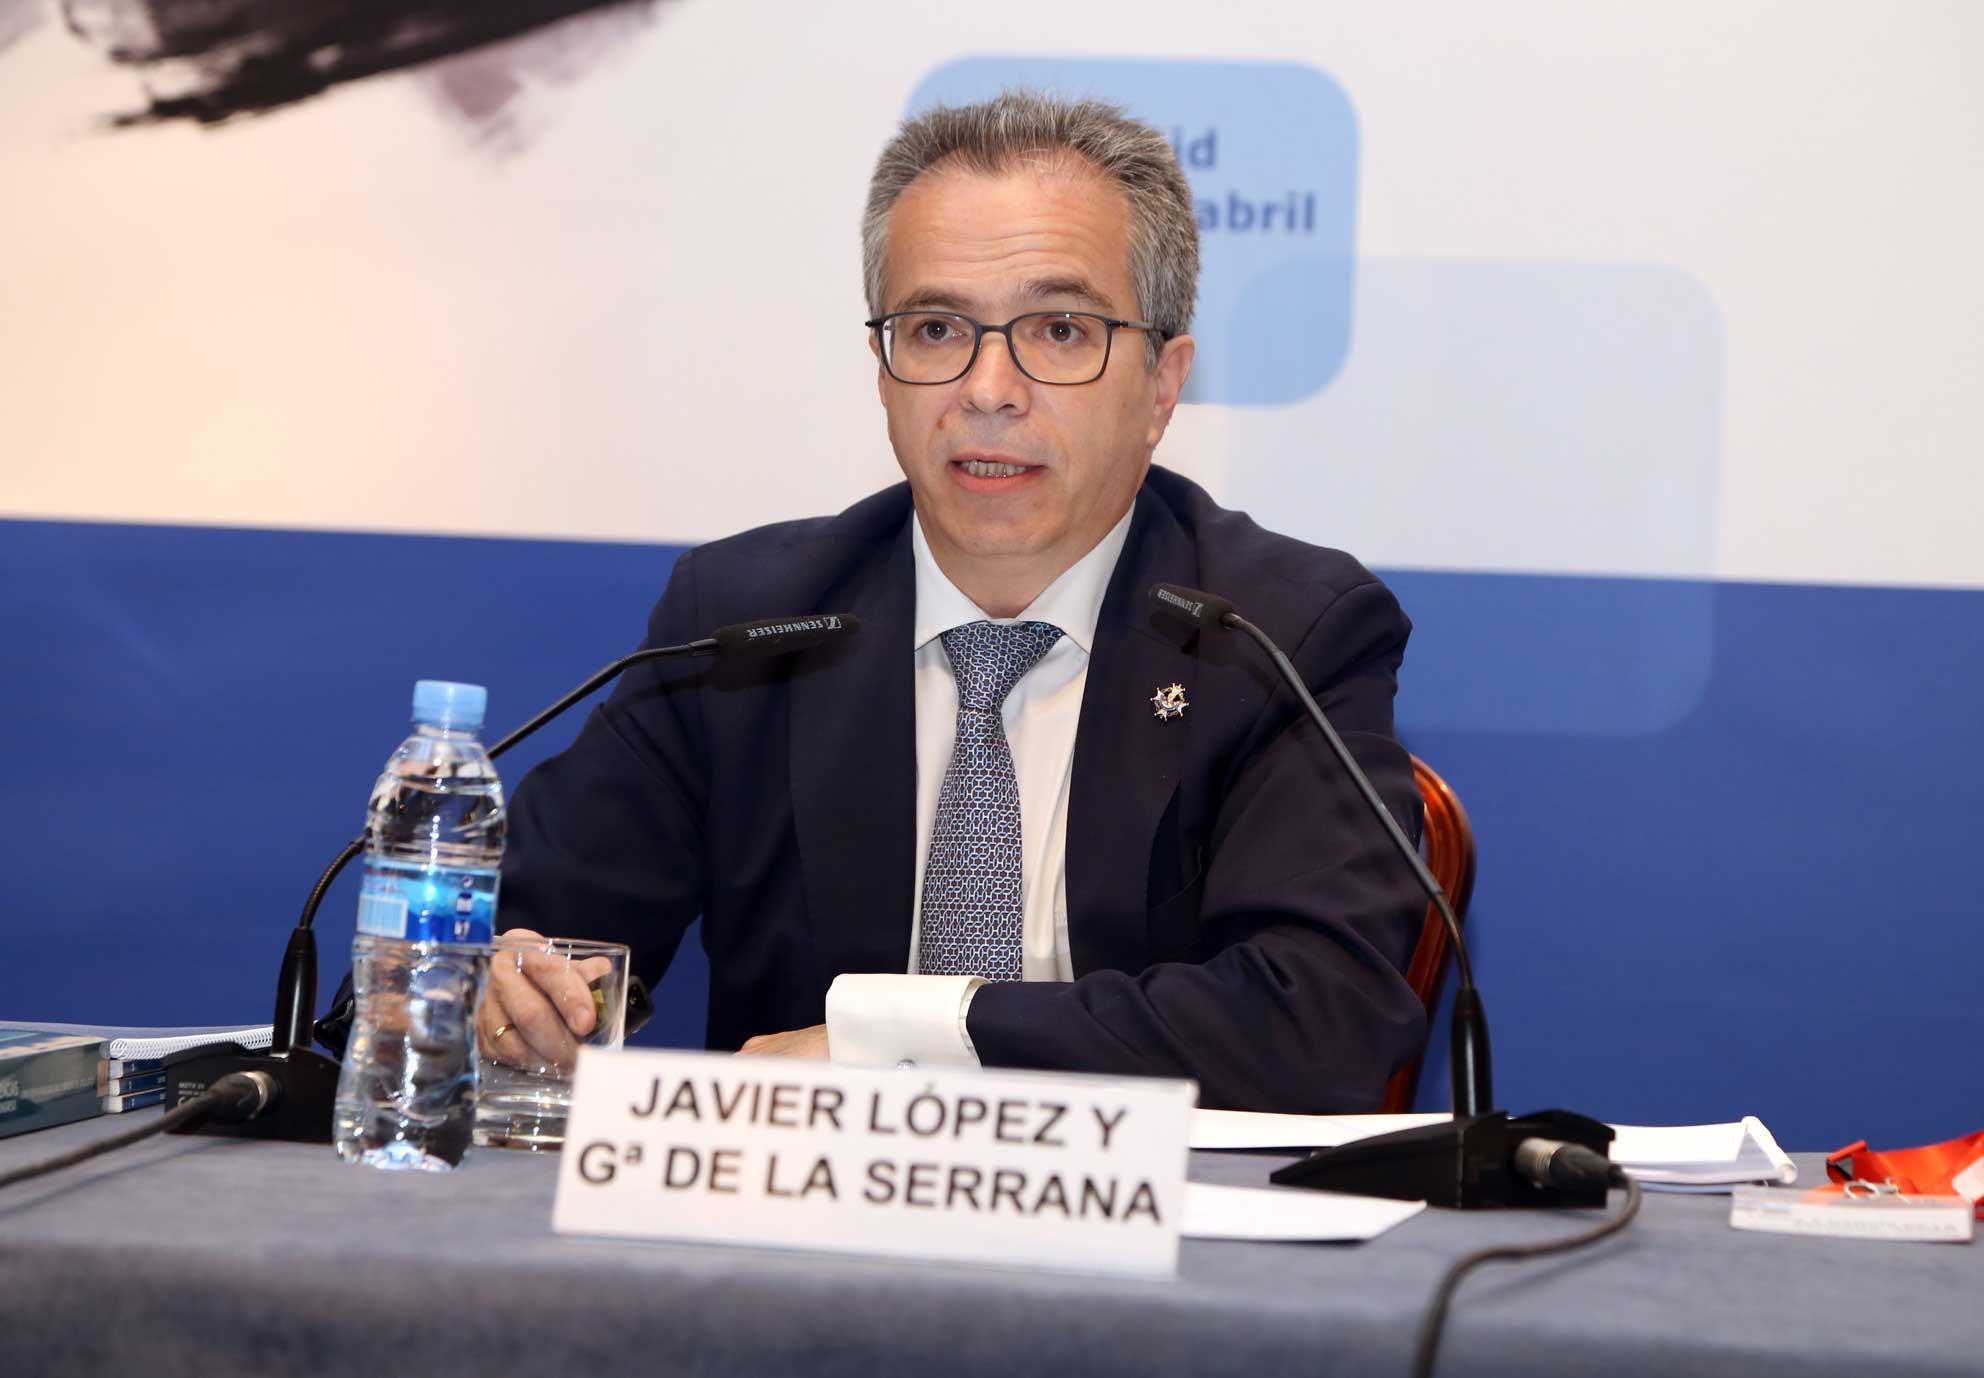 El director de HispaColex, Javier López y Garcia de la Serrana exponiendo en el XXX Congreso de Derecho de Circulación